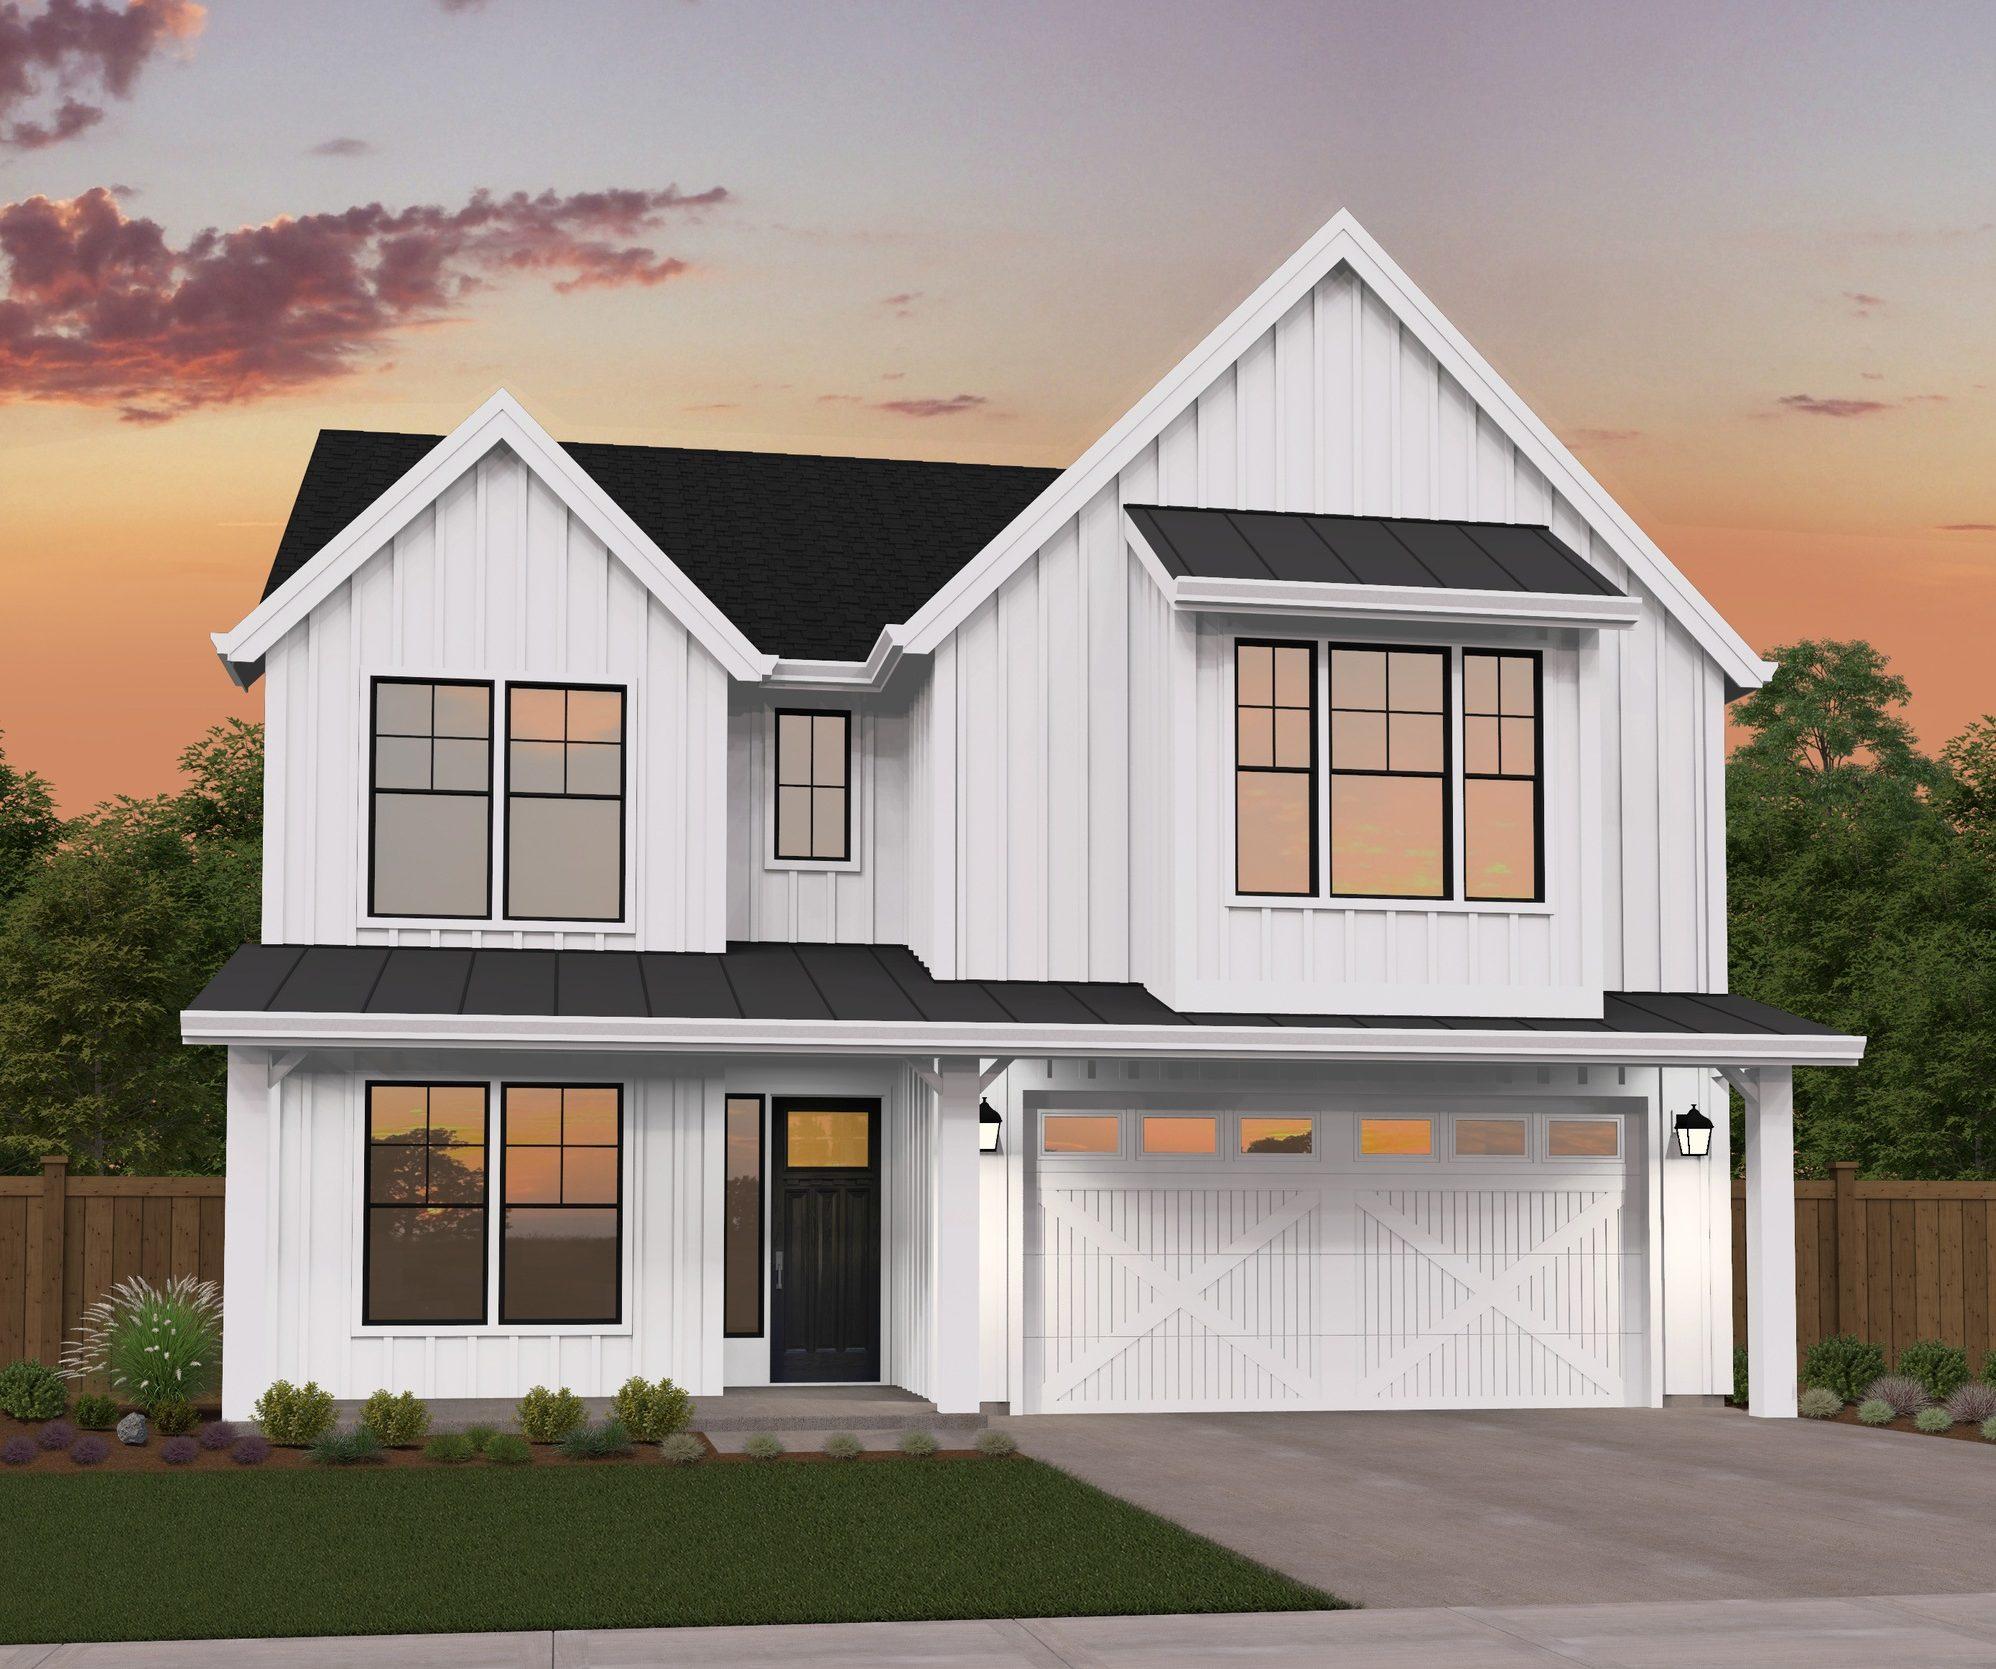 Detached Garage Plan By Mark Stewart Home Design: Affordable Farmhouse By Mark Stewart Home Design